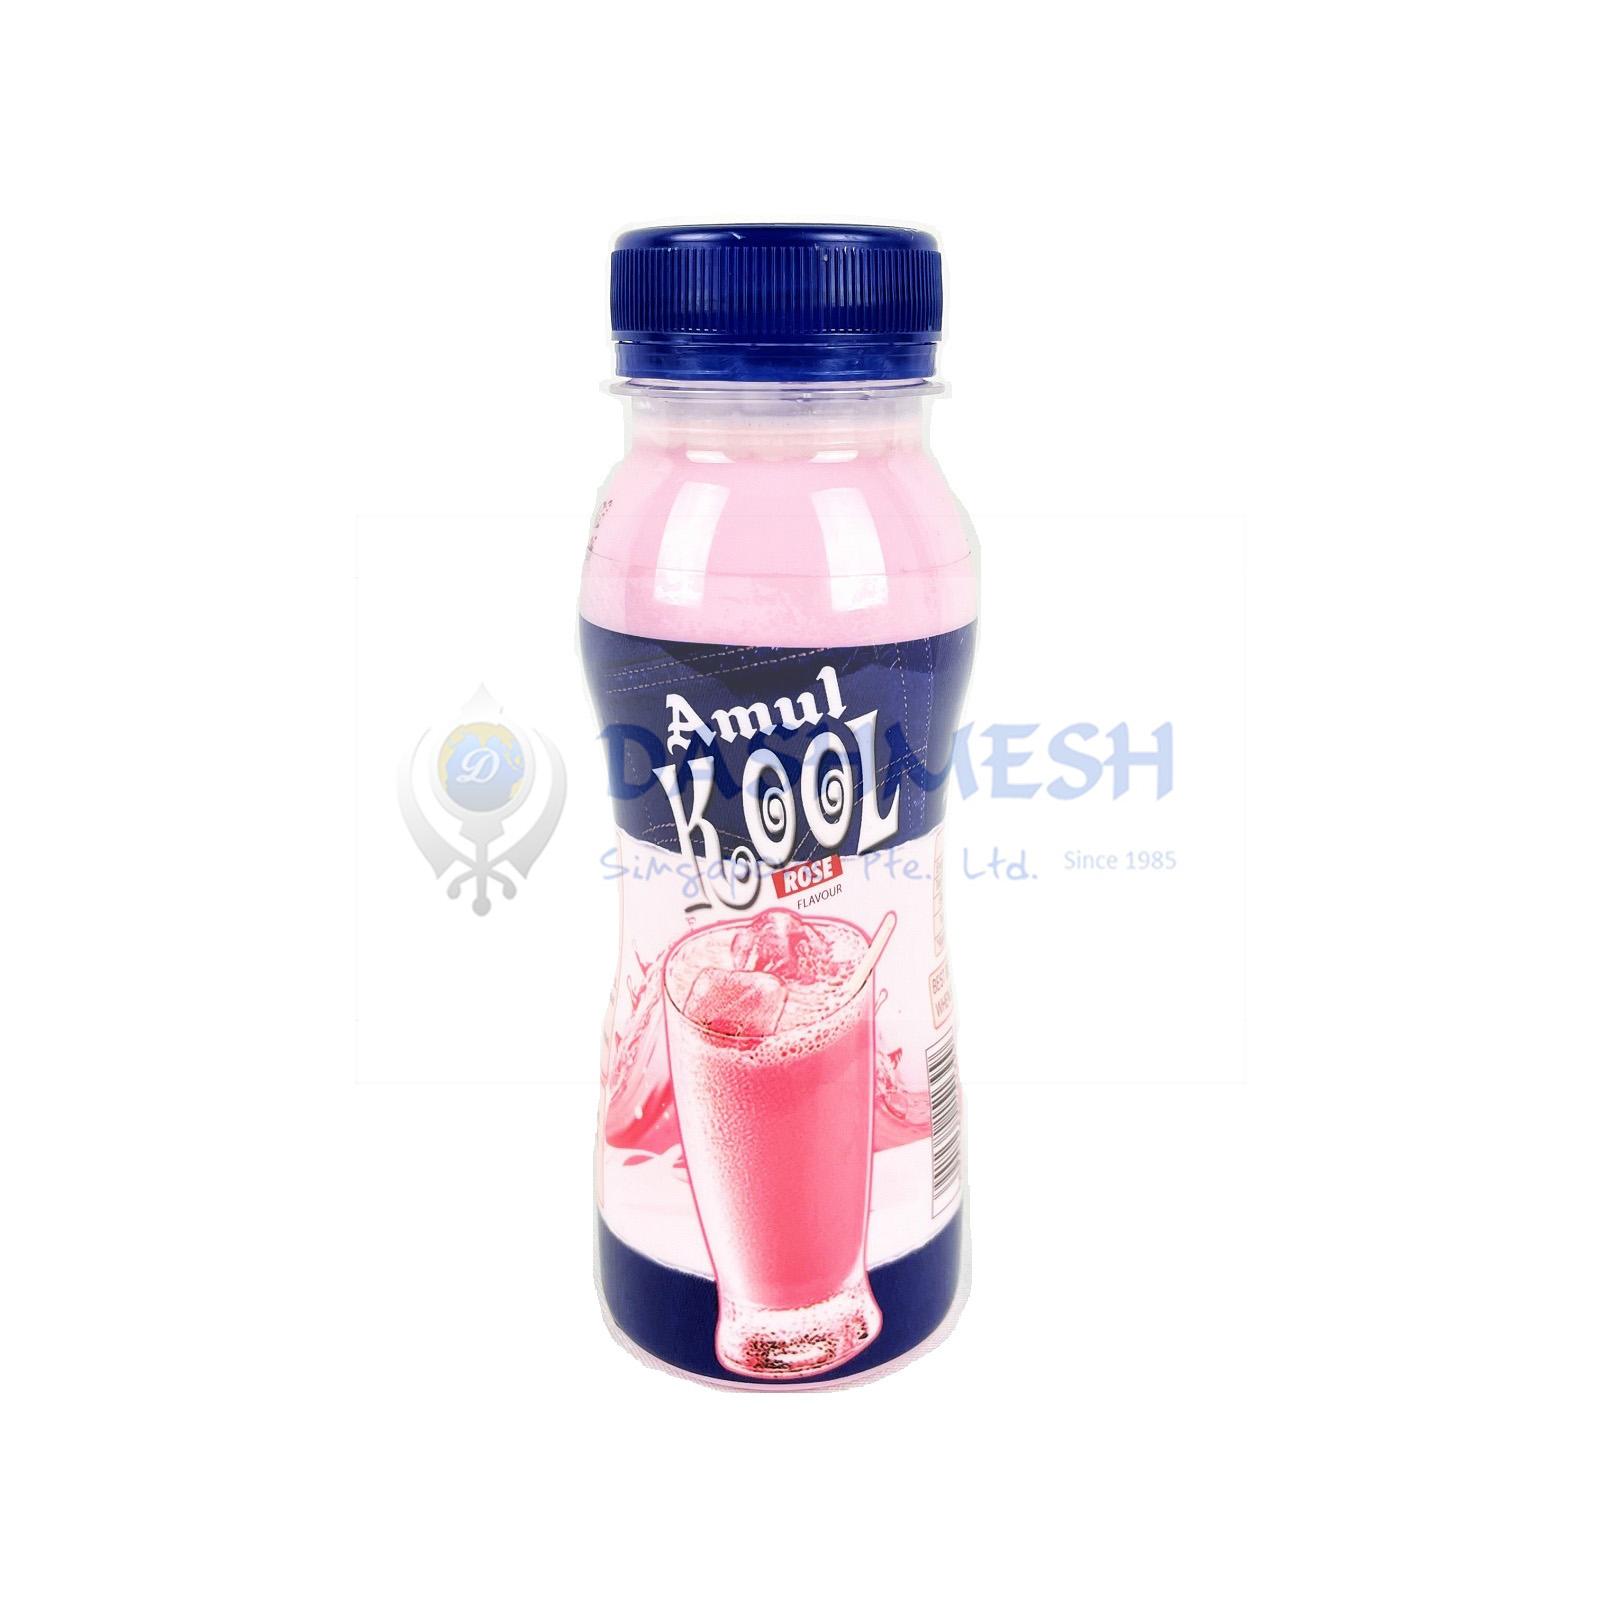 Amul Kool Bottles Range 200ml (3 Unique Flavors)